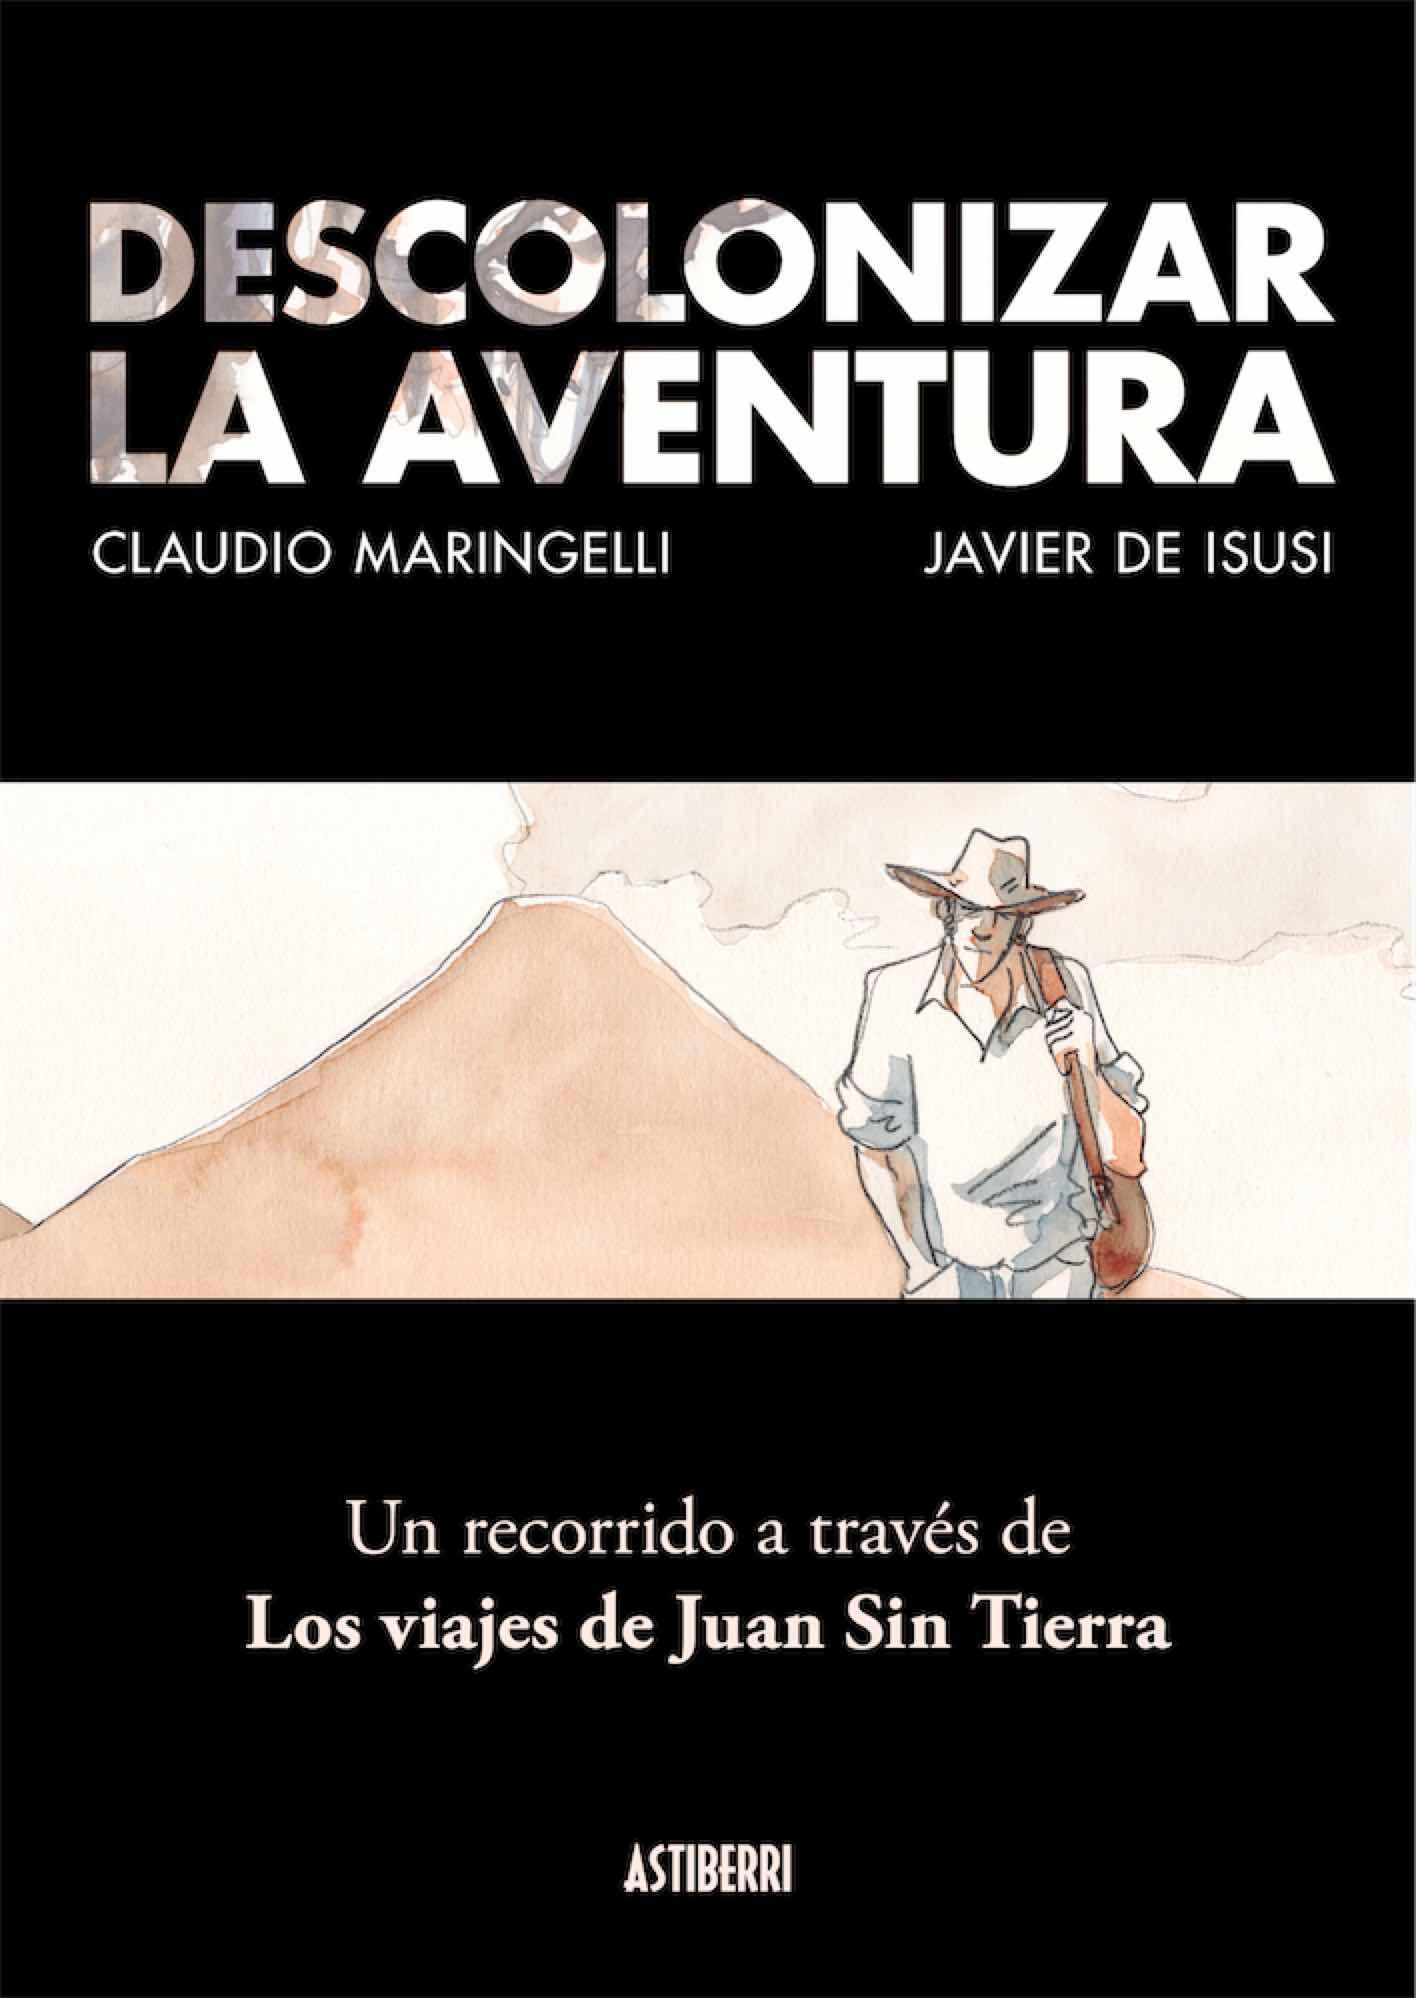 DESCOLONIZAR LA AVENTURA. UN RECORRIDO A TRAVES DE LOS VIAJES DE JUAN SIN TIERRA